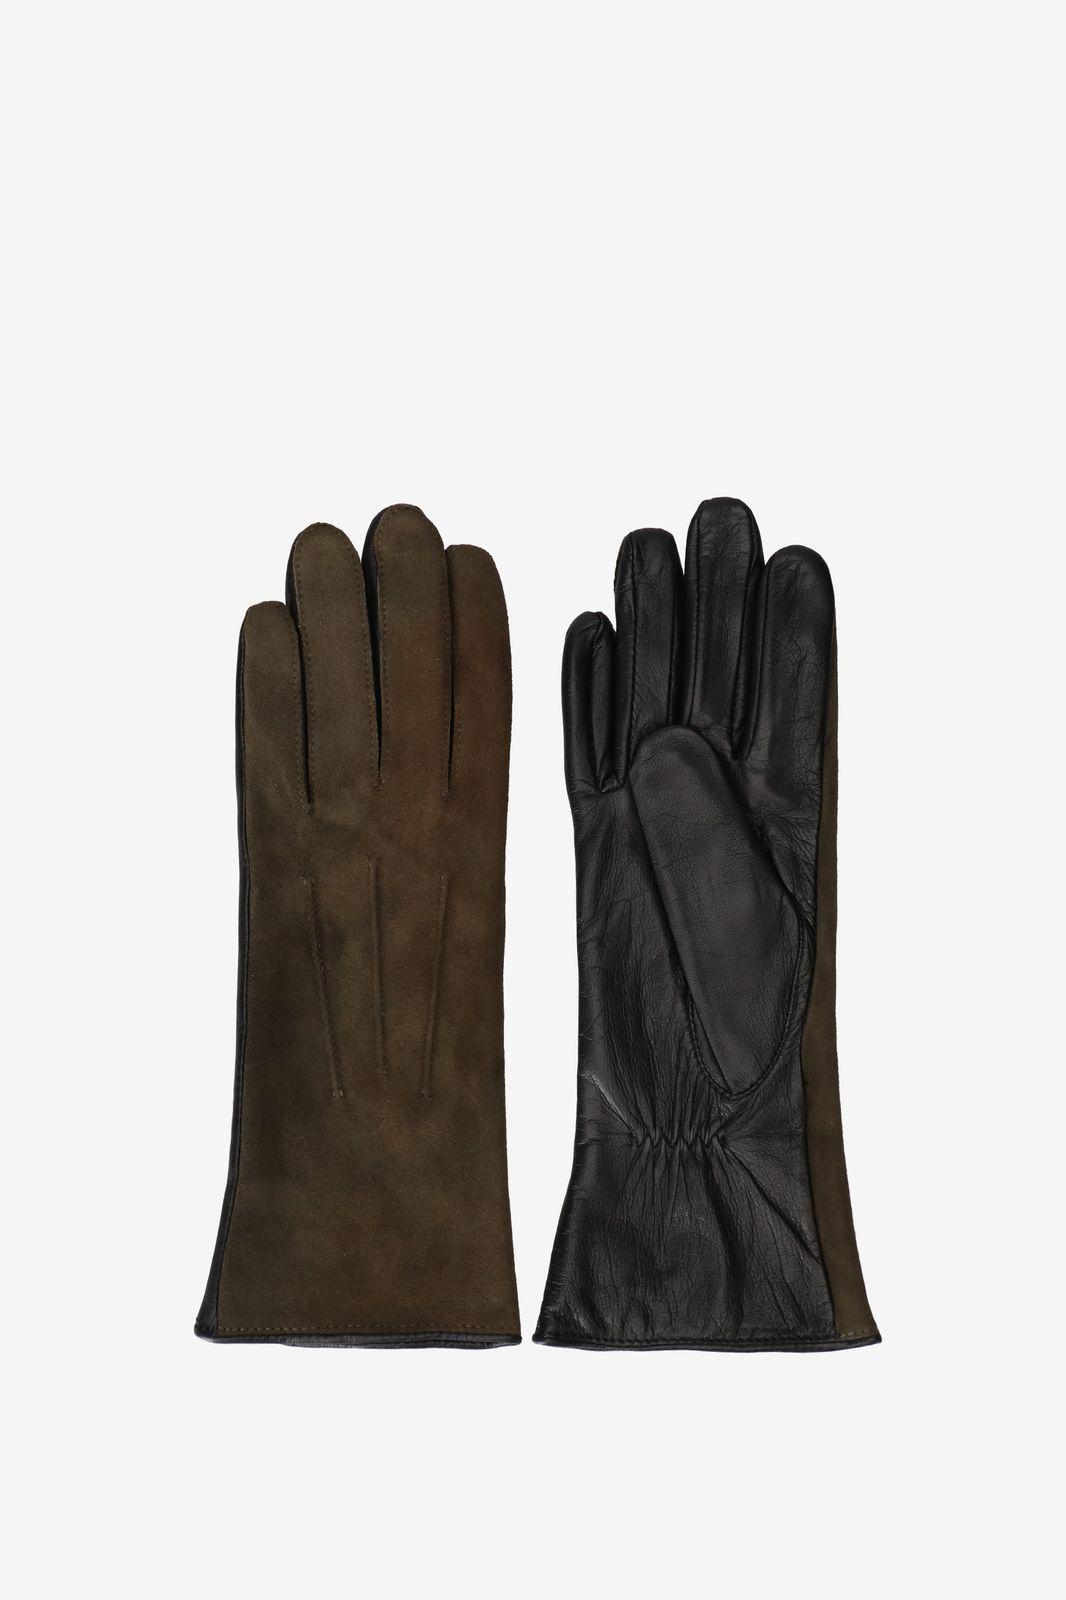 Donkergroene handschoenen leer/suede